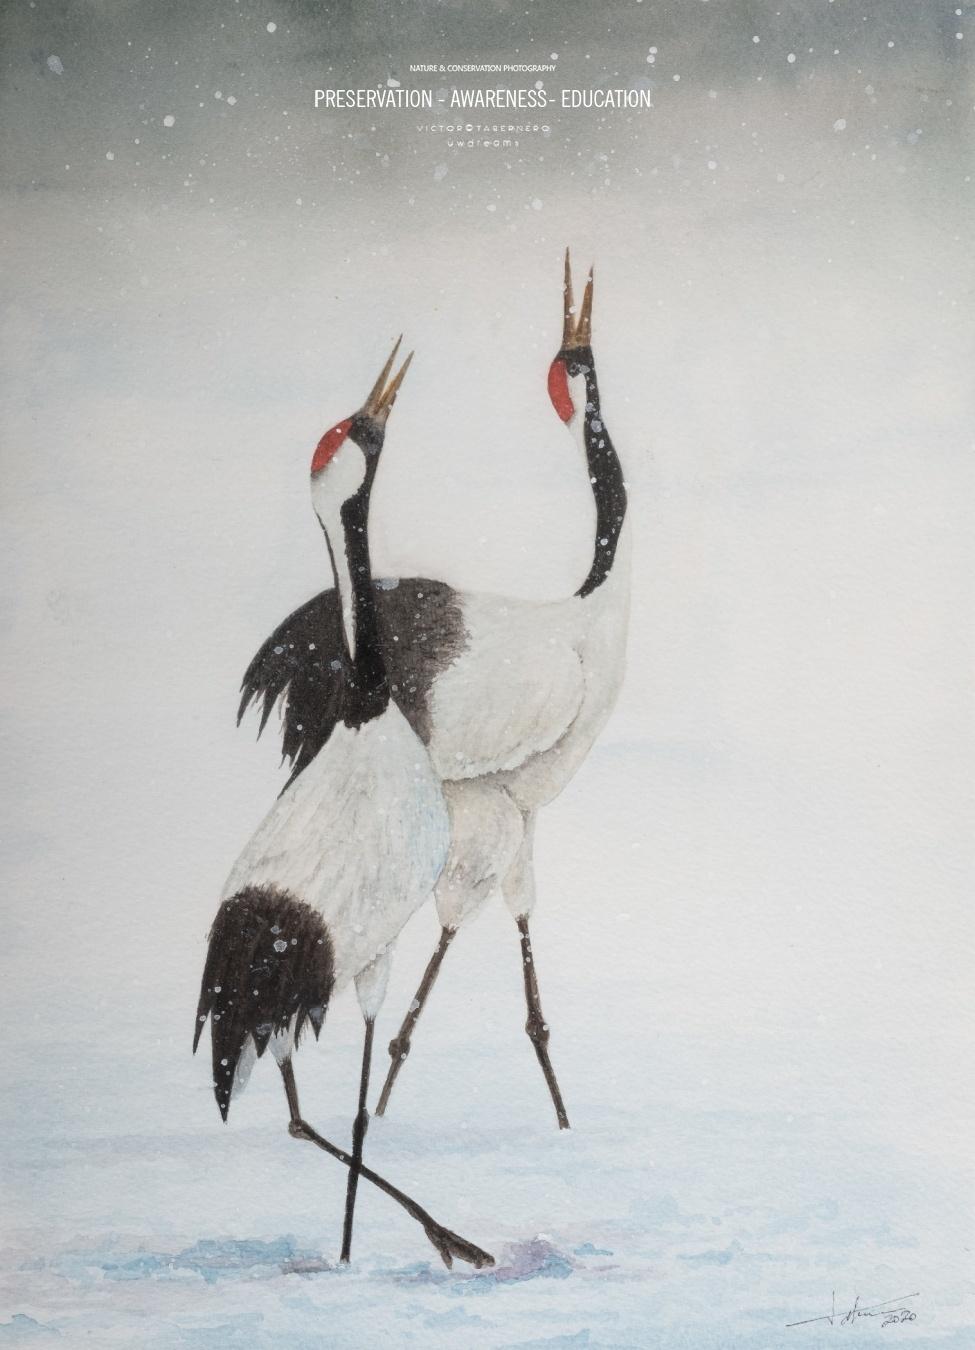 Grullas en la nieve - 41x31cm - Vida Salvaje - Wildlife Conservation Photography, UWDREAMS.COM